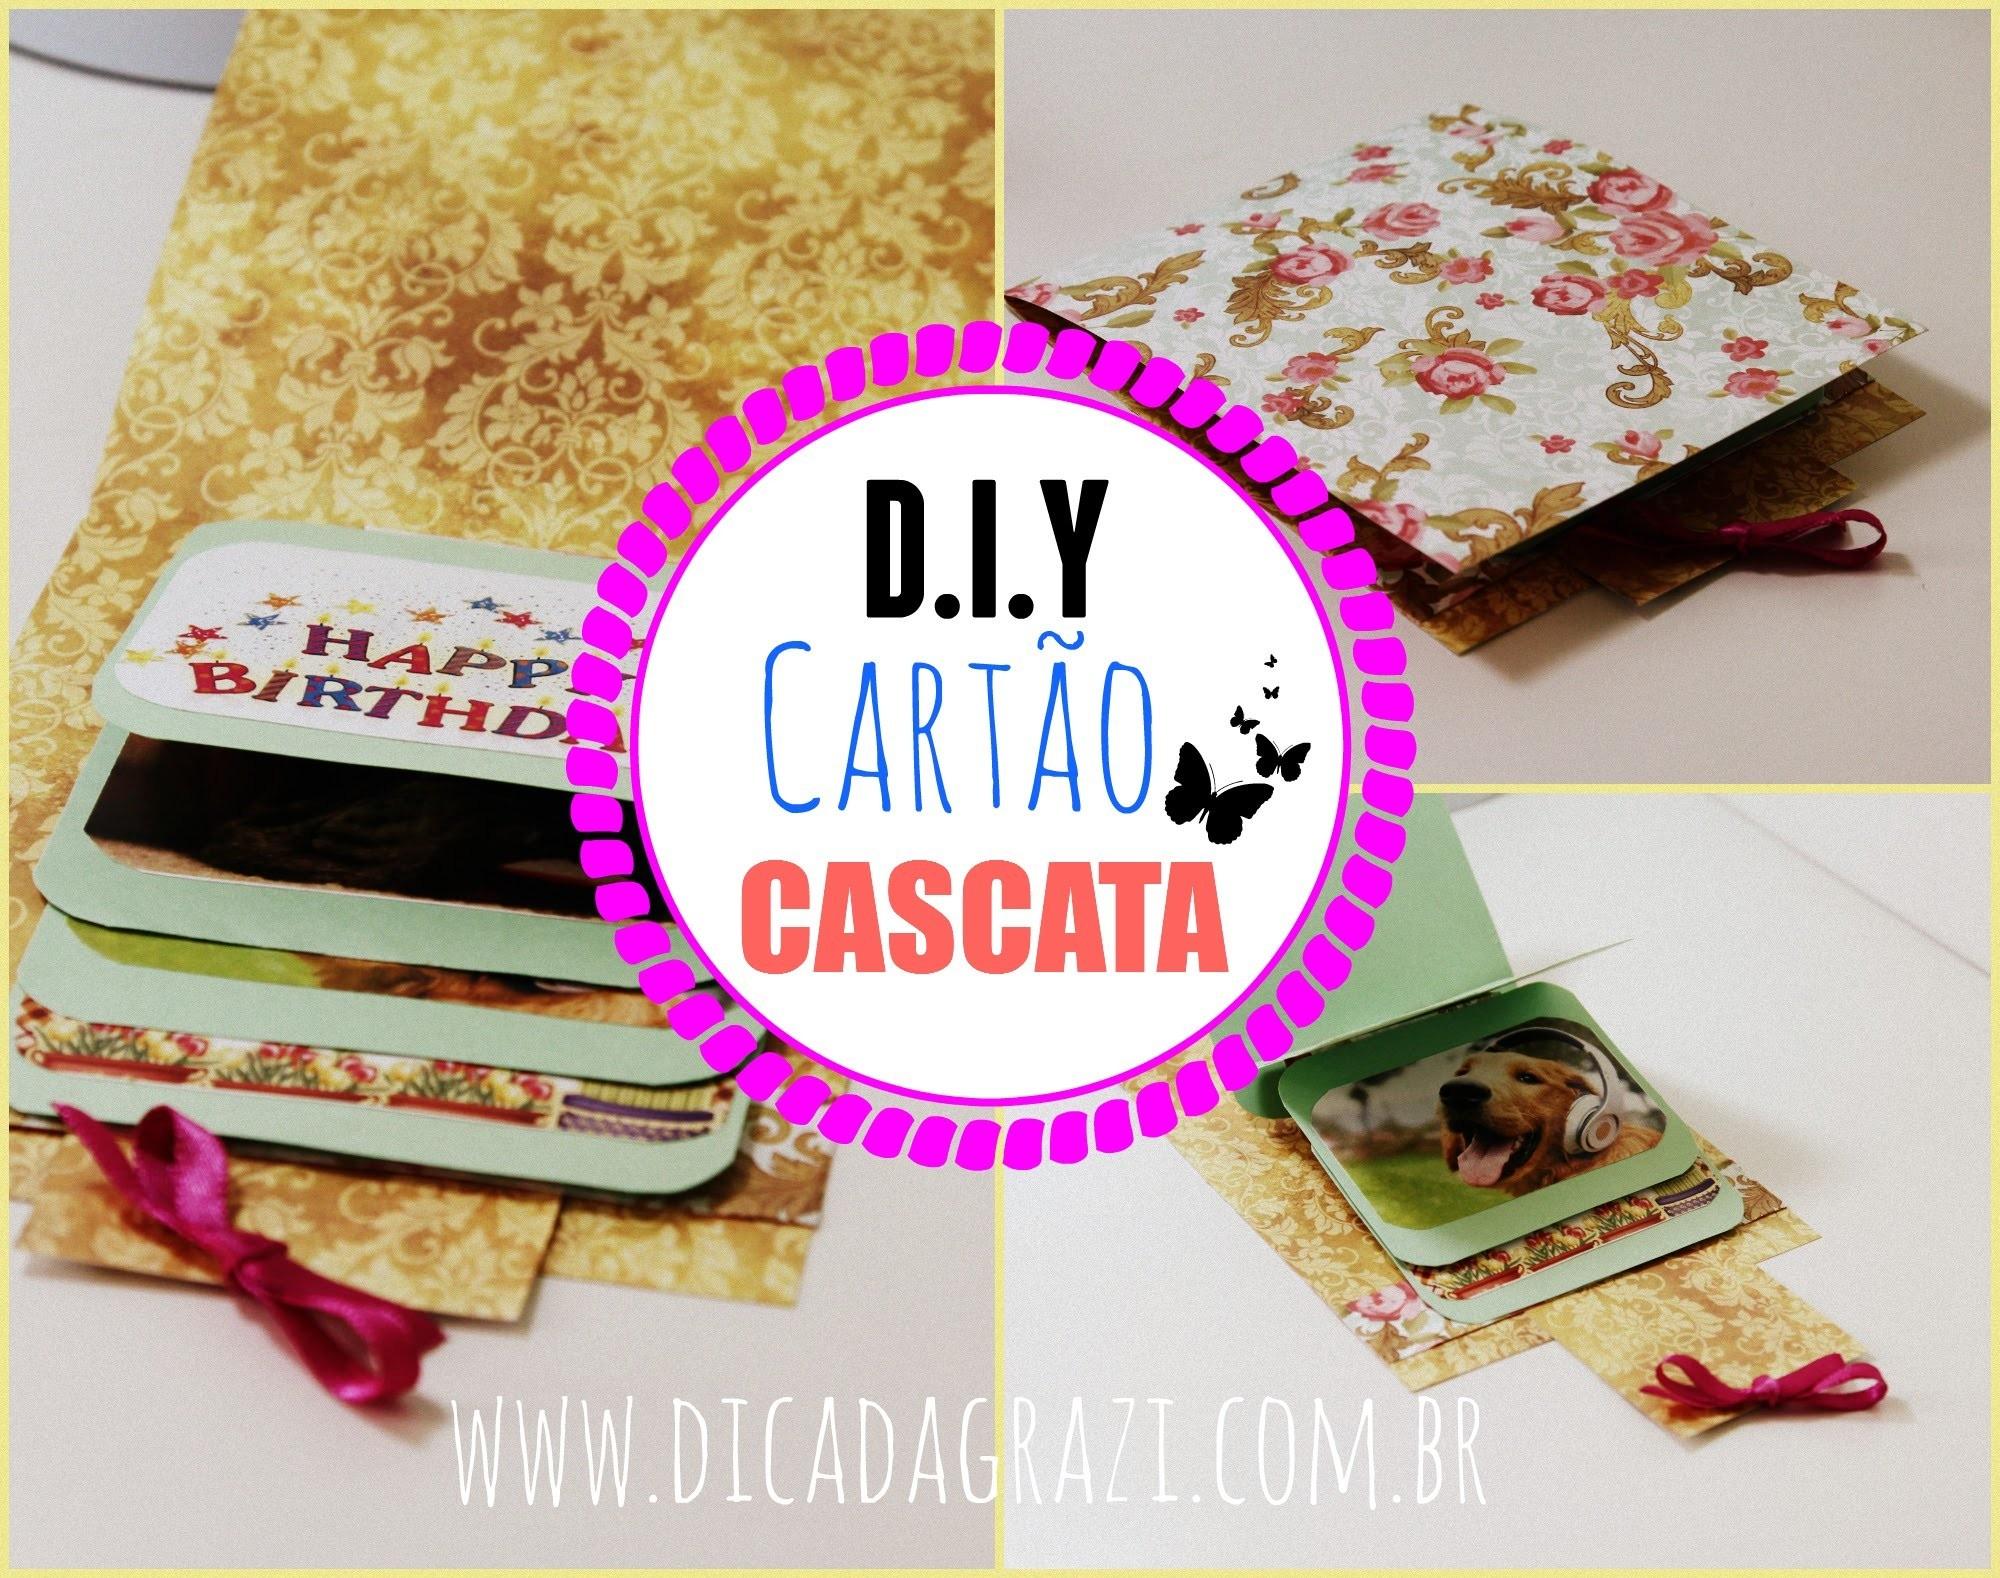 DIY: ✎ Cartão Cascata ,Faça você mesmo